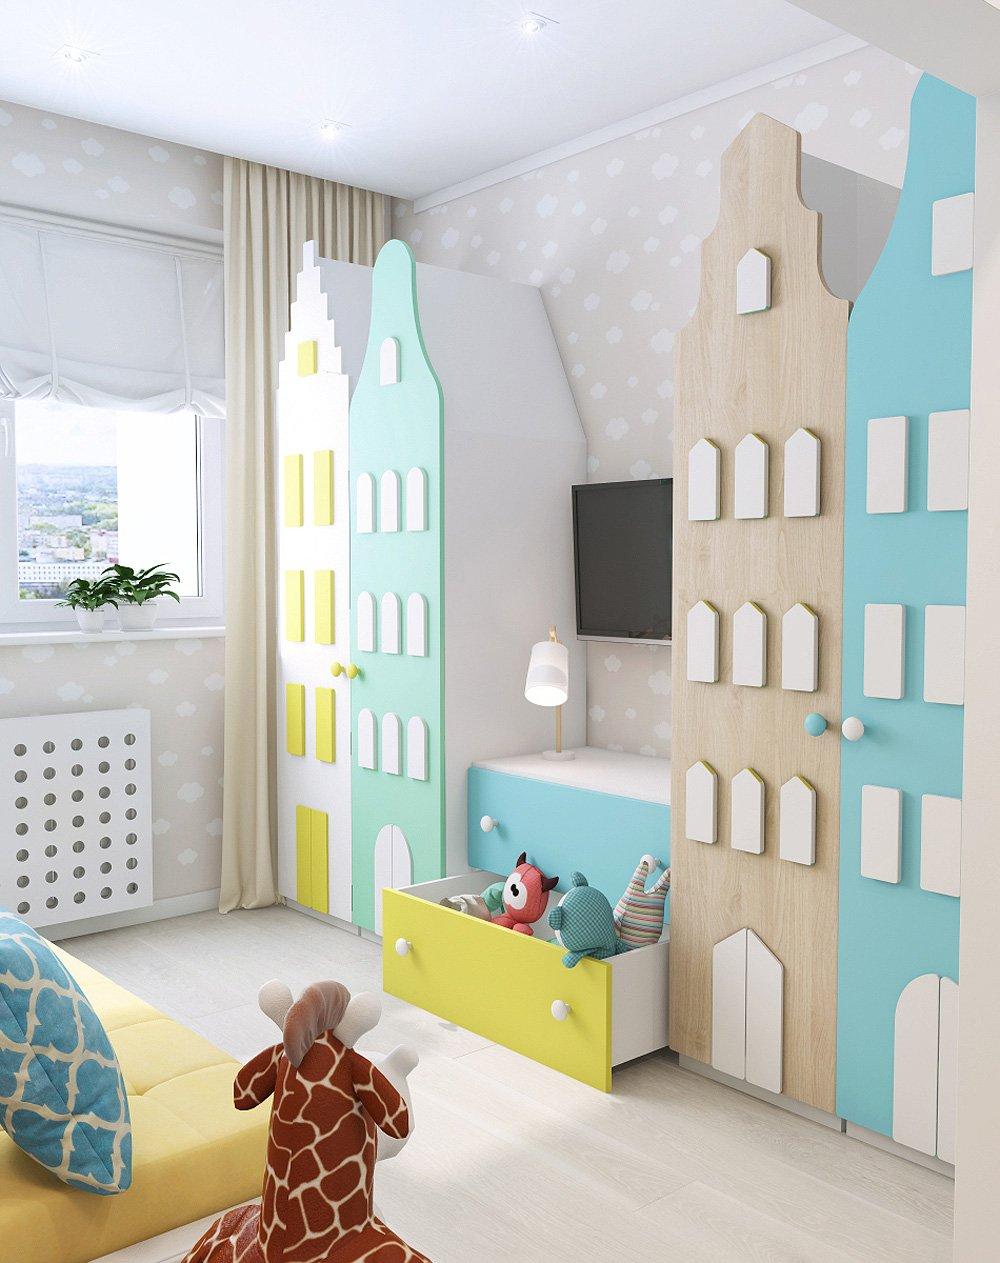 Яркие шкафчики для игрушек в детской